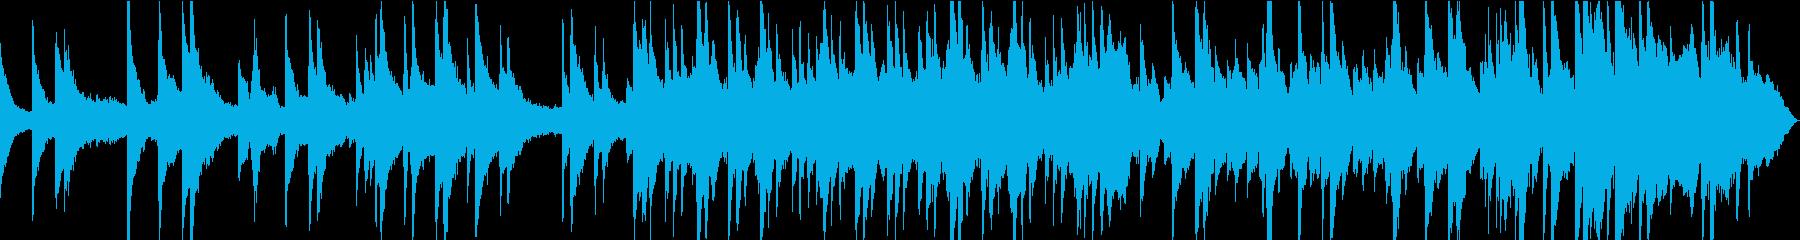 静かで感動的なピアノとチェロのバラードの再生済みの波形